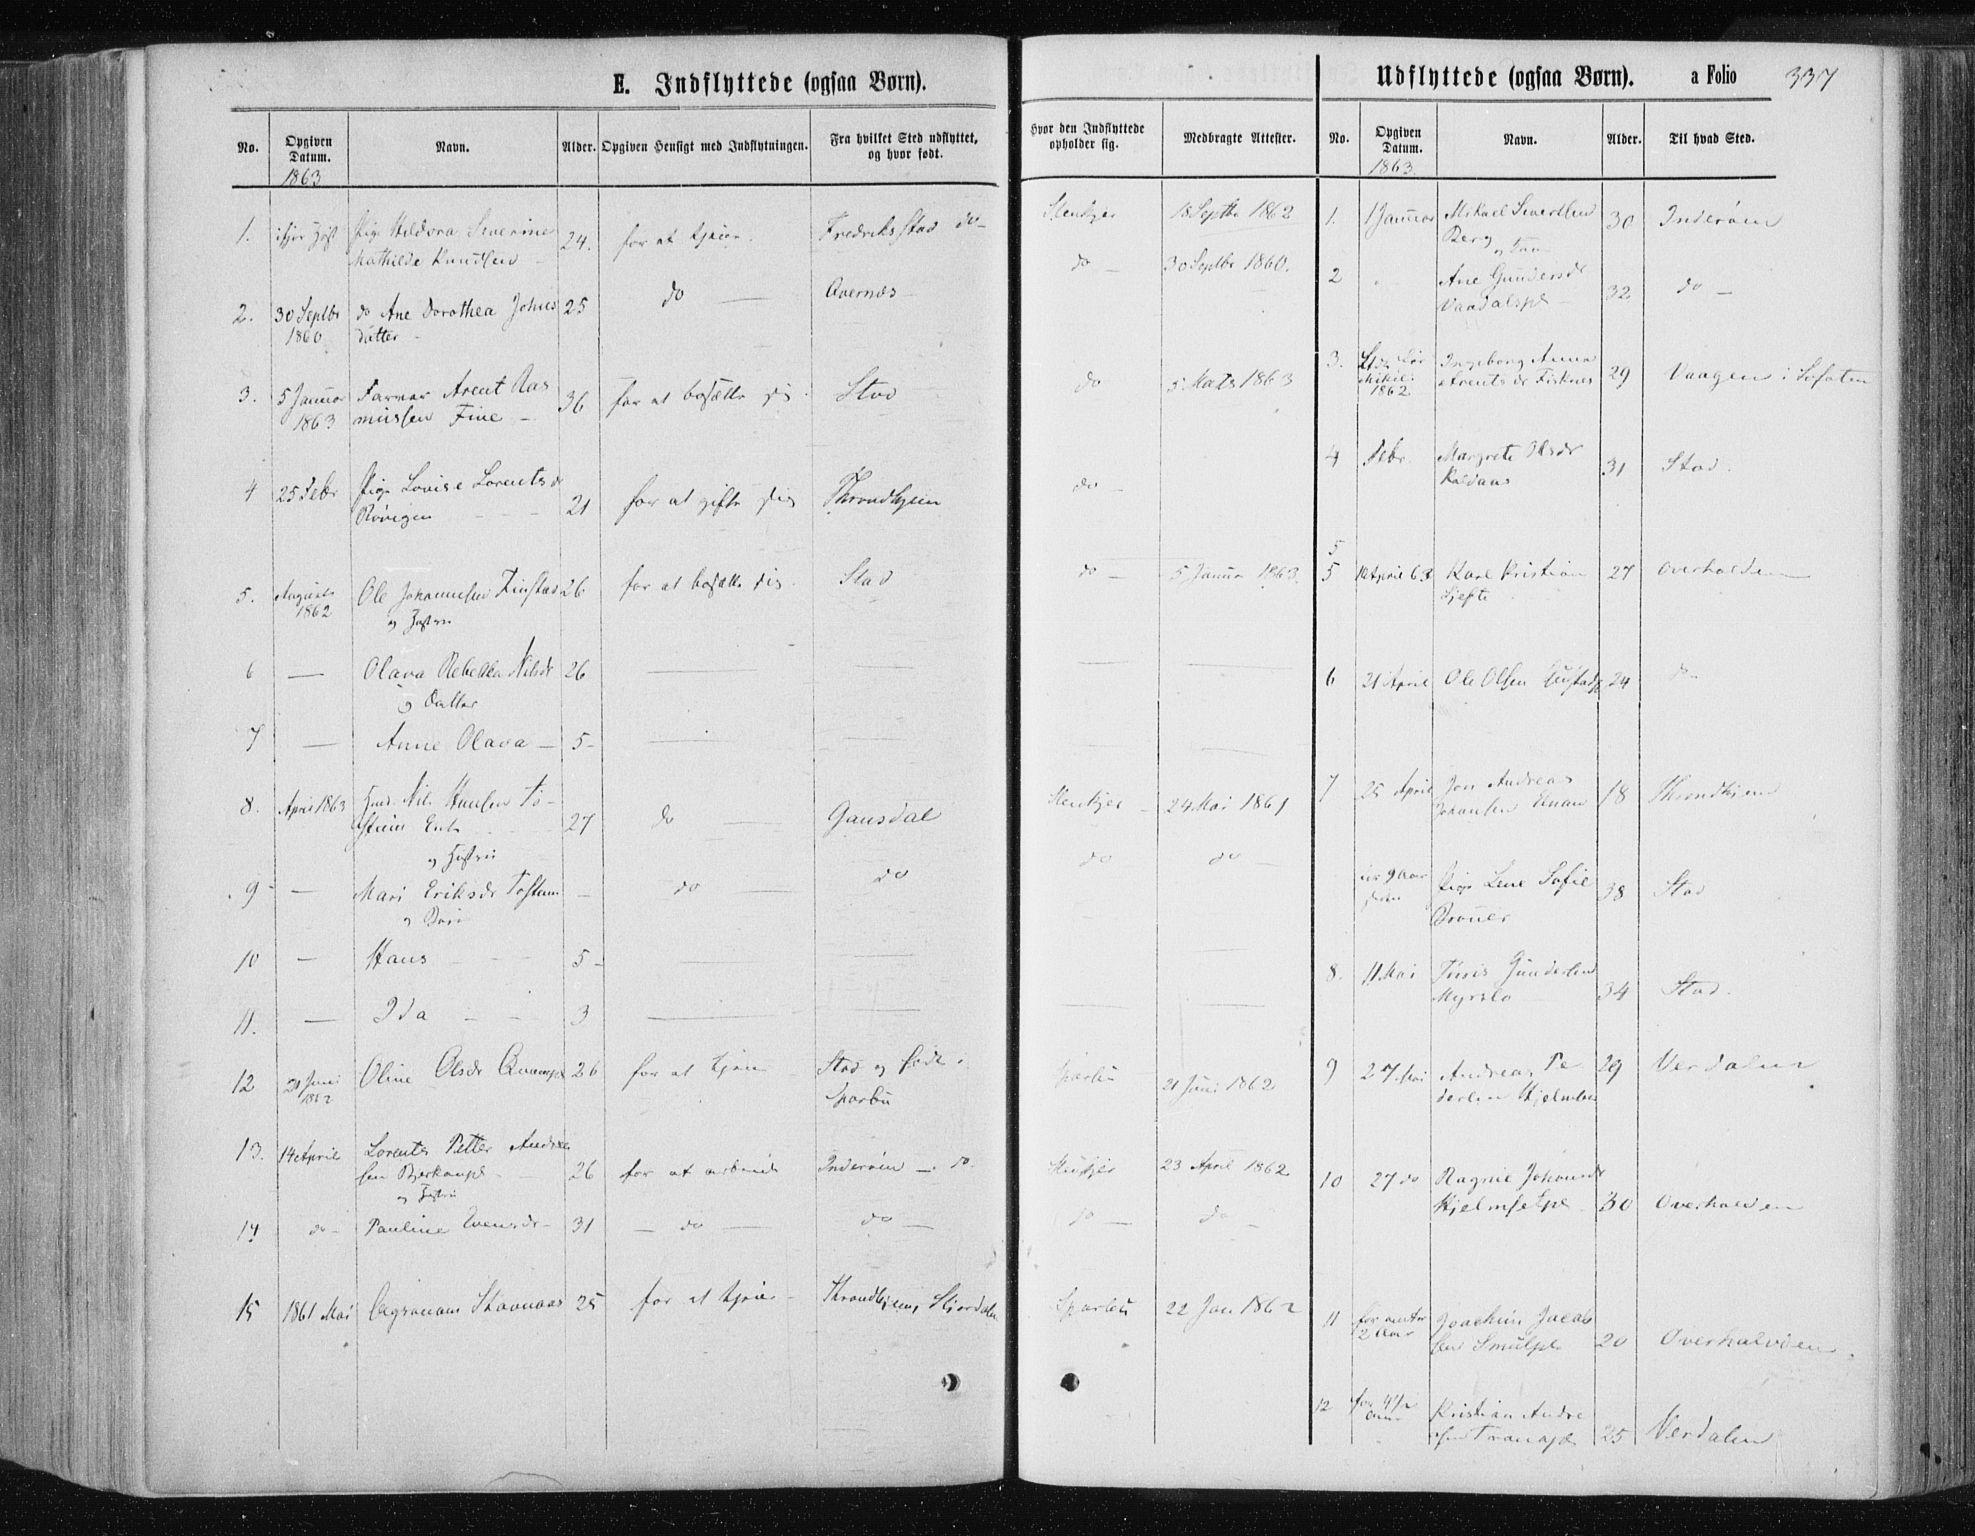 SAT, Ministerialprotokoller, klokkerbøker og fødselsregistre - Nord-Trøndelag, 735/L0345: Parish register (official) no. 735A08 /1, 1863-1872, p. 337